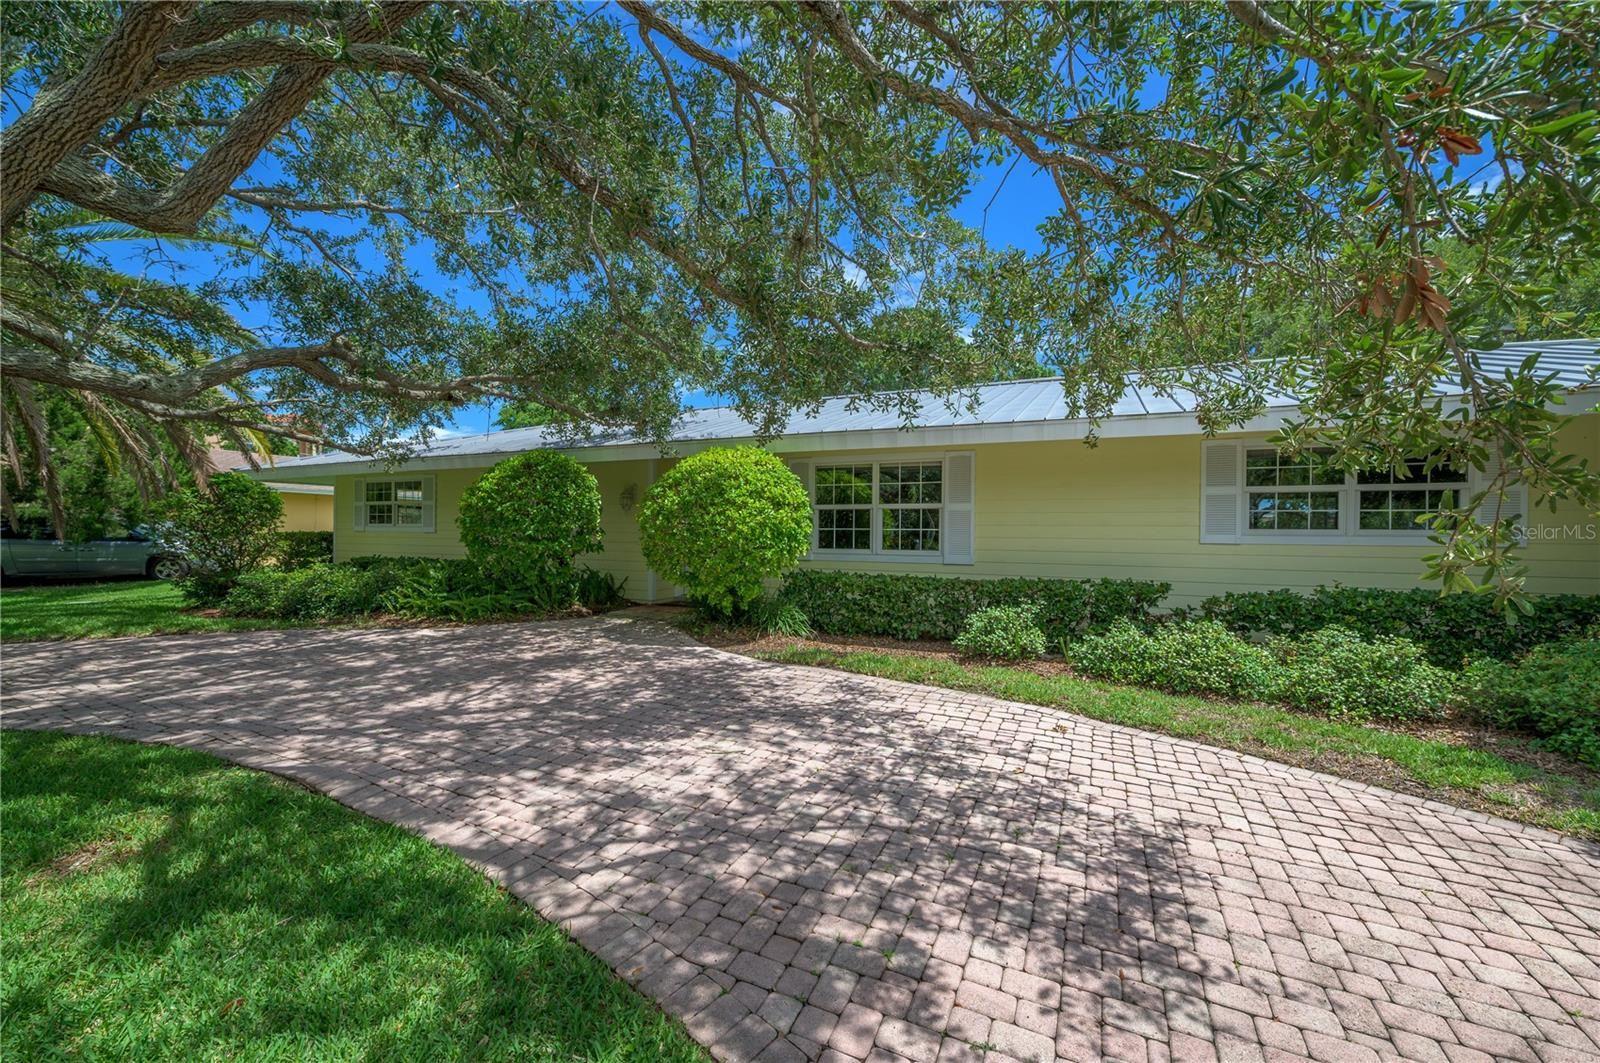 1500 RIDGEWOOD LANE, Sarasota, FL 34231 - #: A4508075